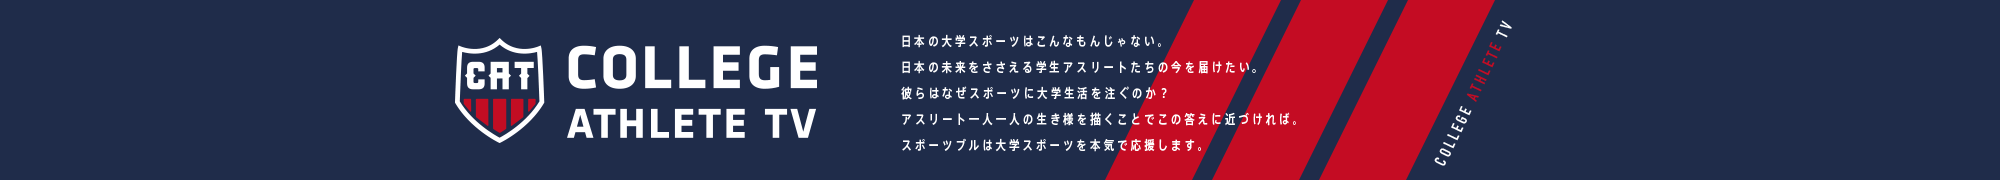 第4回に登場していただいたのは全日本学生選手権で予選から本戦出場を目指す山田菜津子(文構3=石川・大聖寺)、米原さくら(スポ3=埼玉・秀明英光)、松田岬(スポ1=埼玉・淑徳)の3人…